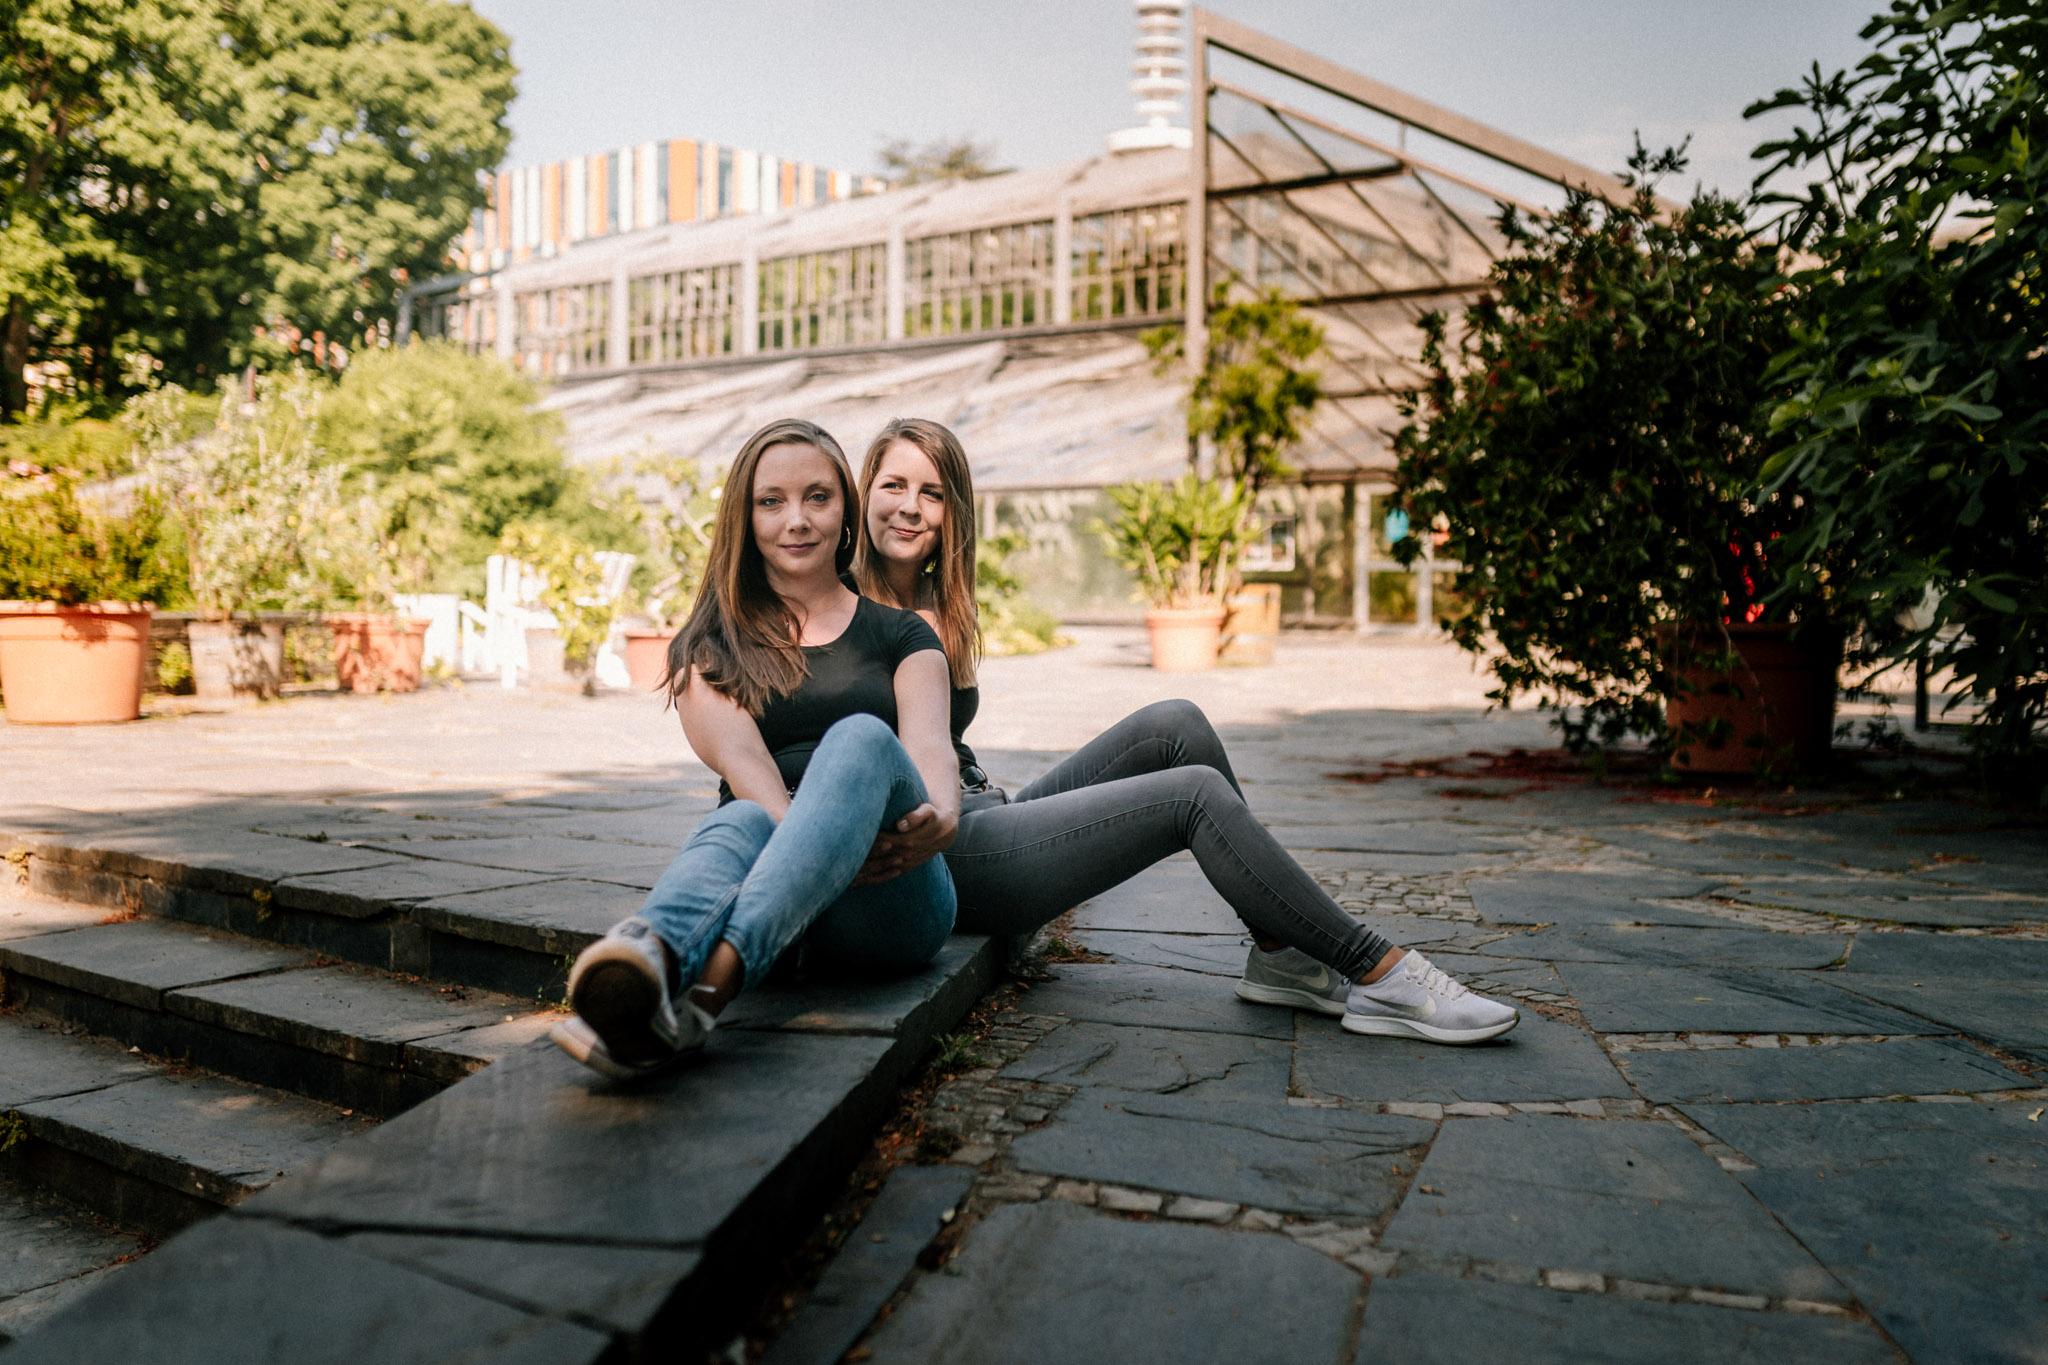 Hochzeitsfieber by Photo-Schomburg, Sven Schomburg Hochzeitsfotografie, Geschwistershooting, Hamburg, Planten un Blomen-11